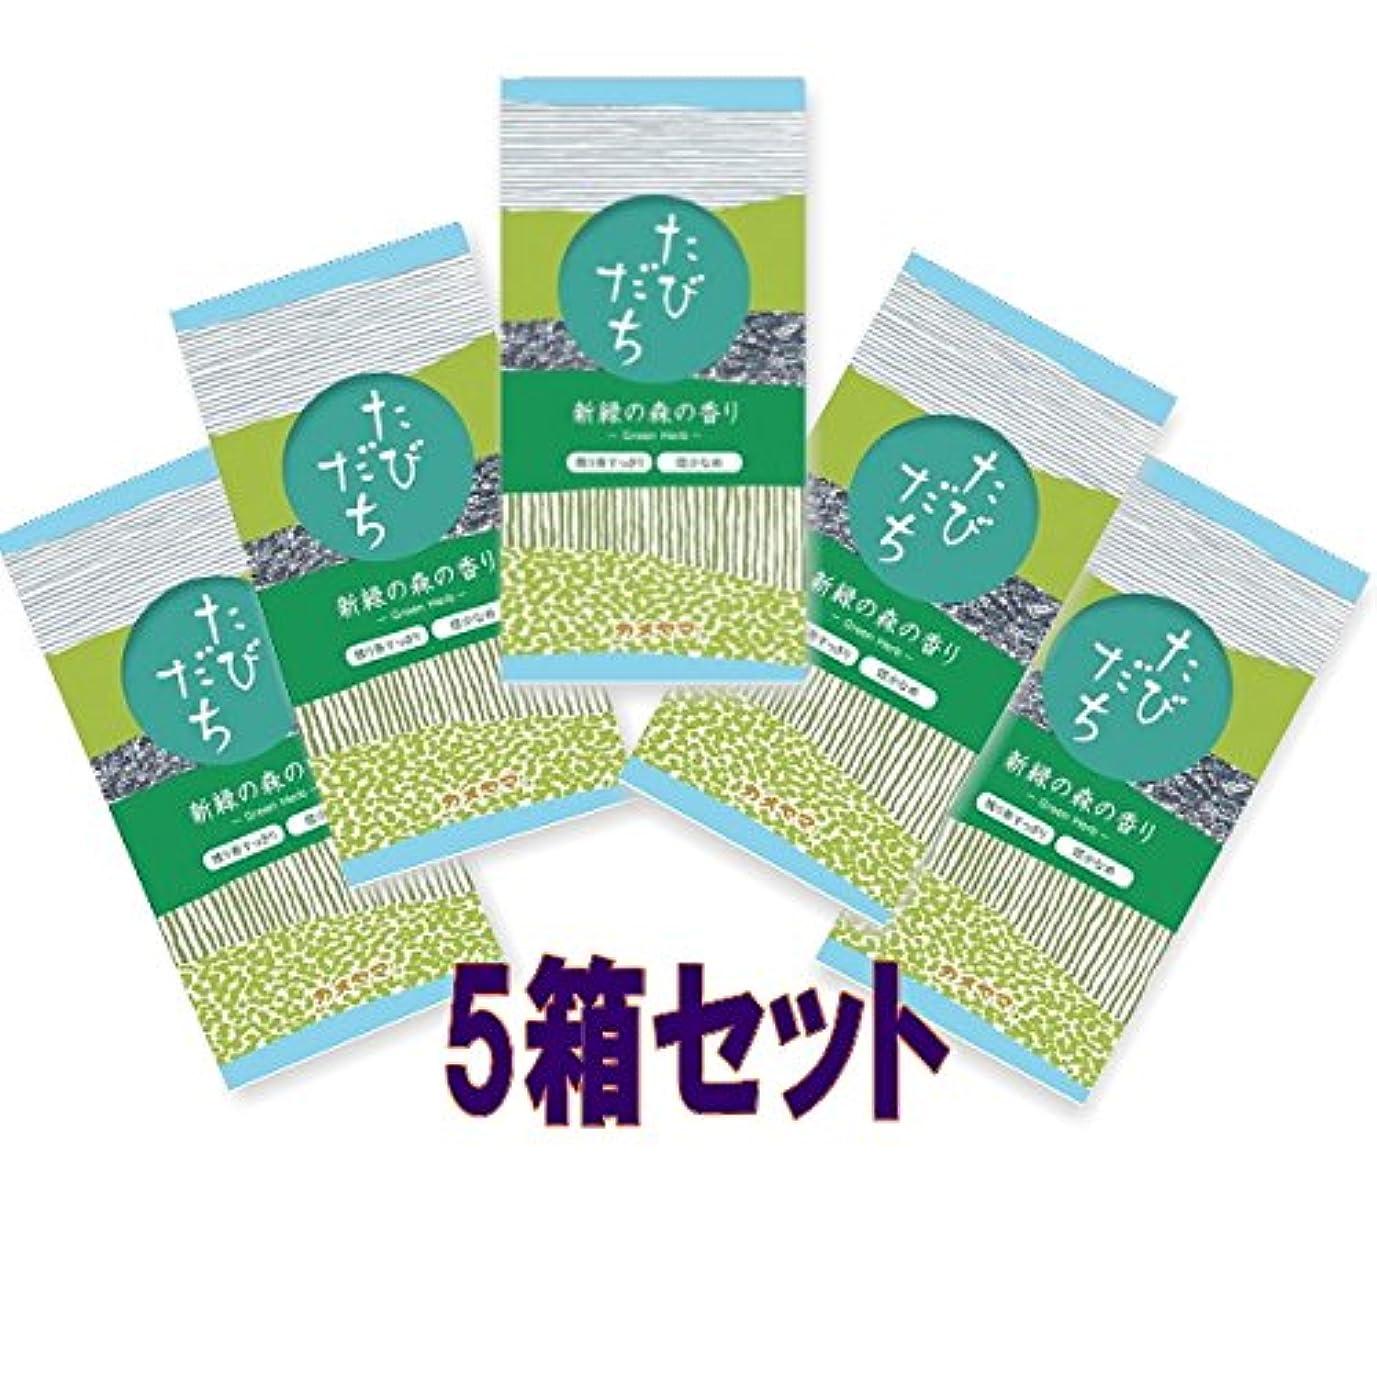 カウボーイ電子レンジ映画まとめ買 たびだち 新緑の森の香り 5箱セット カメヤマ